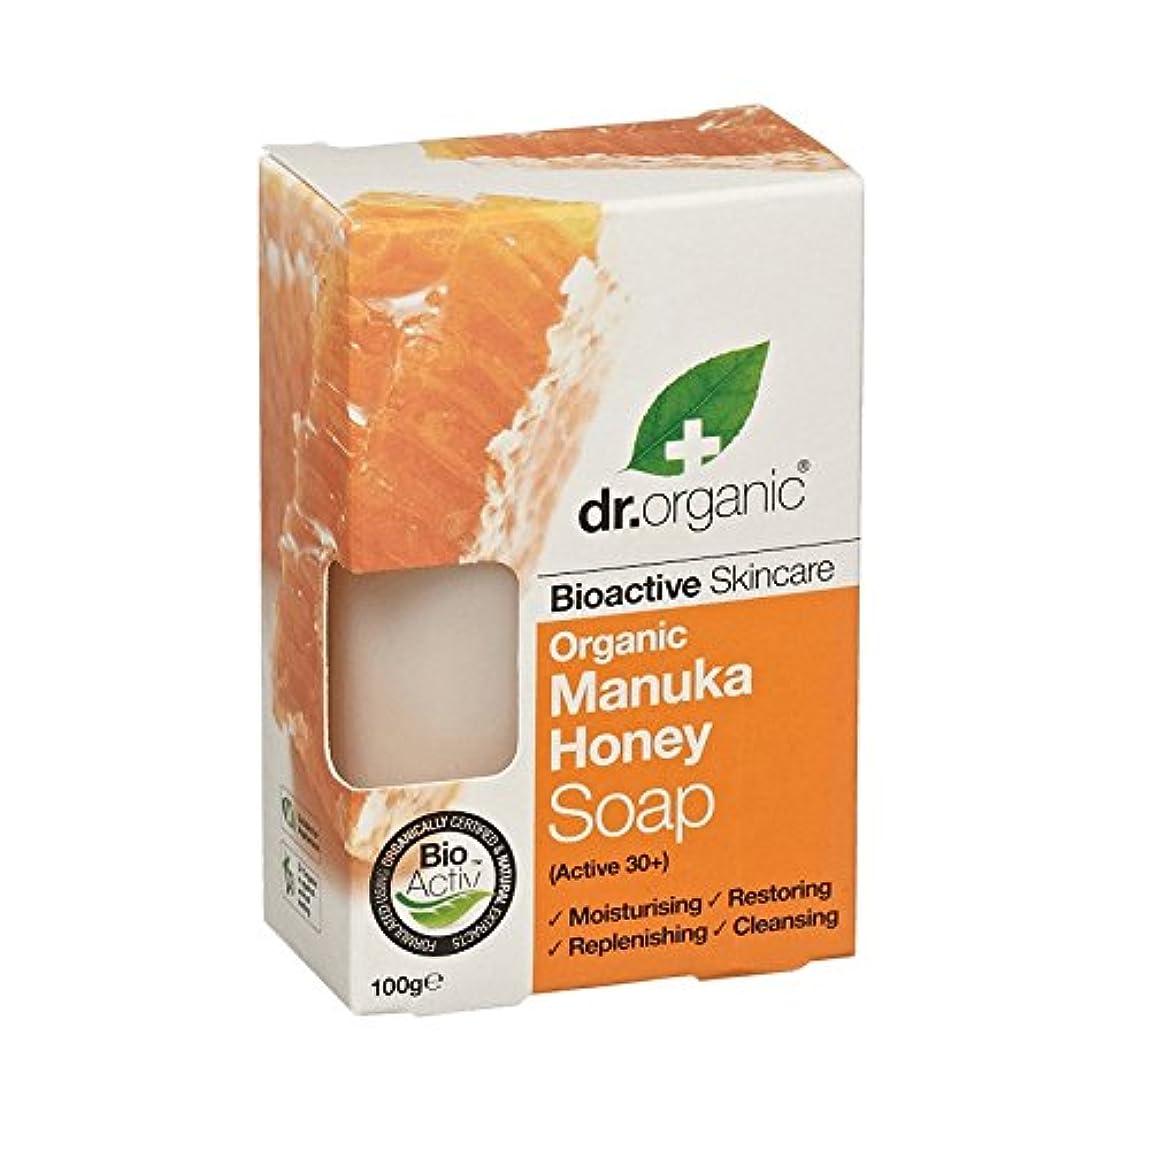 Dr Organic Manuka Honey Soap (Pack of 6) - Dr有機マヌカハニーソープ (x6) [並行輸入品]